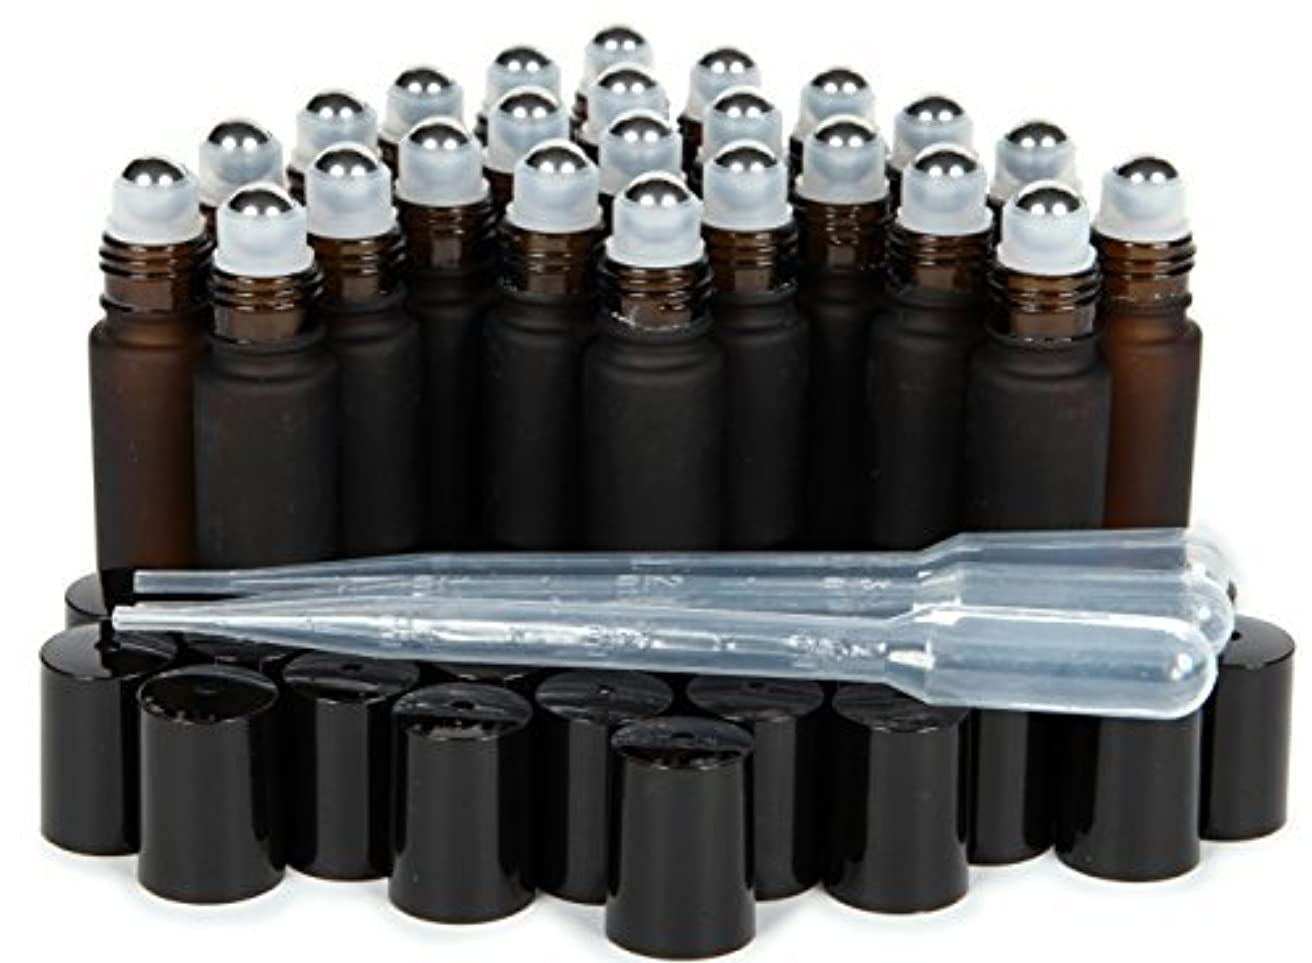 意味区別ライトニングVivaplex, 24, Frosted Amber, 10 ml Glass Roll-on Bottles with Stainless Steel Roller Balls. 3-3 ml Droppers included...